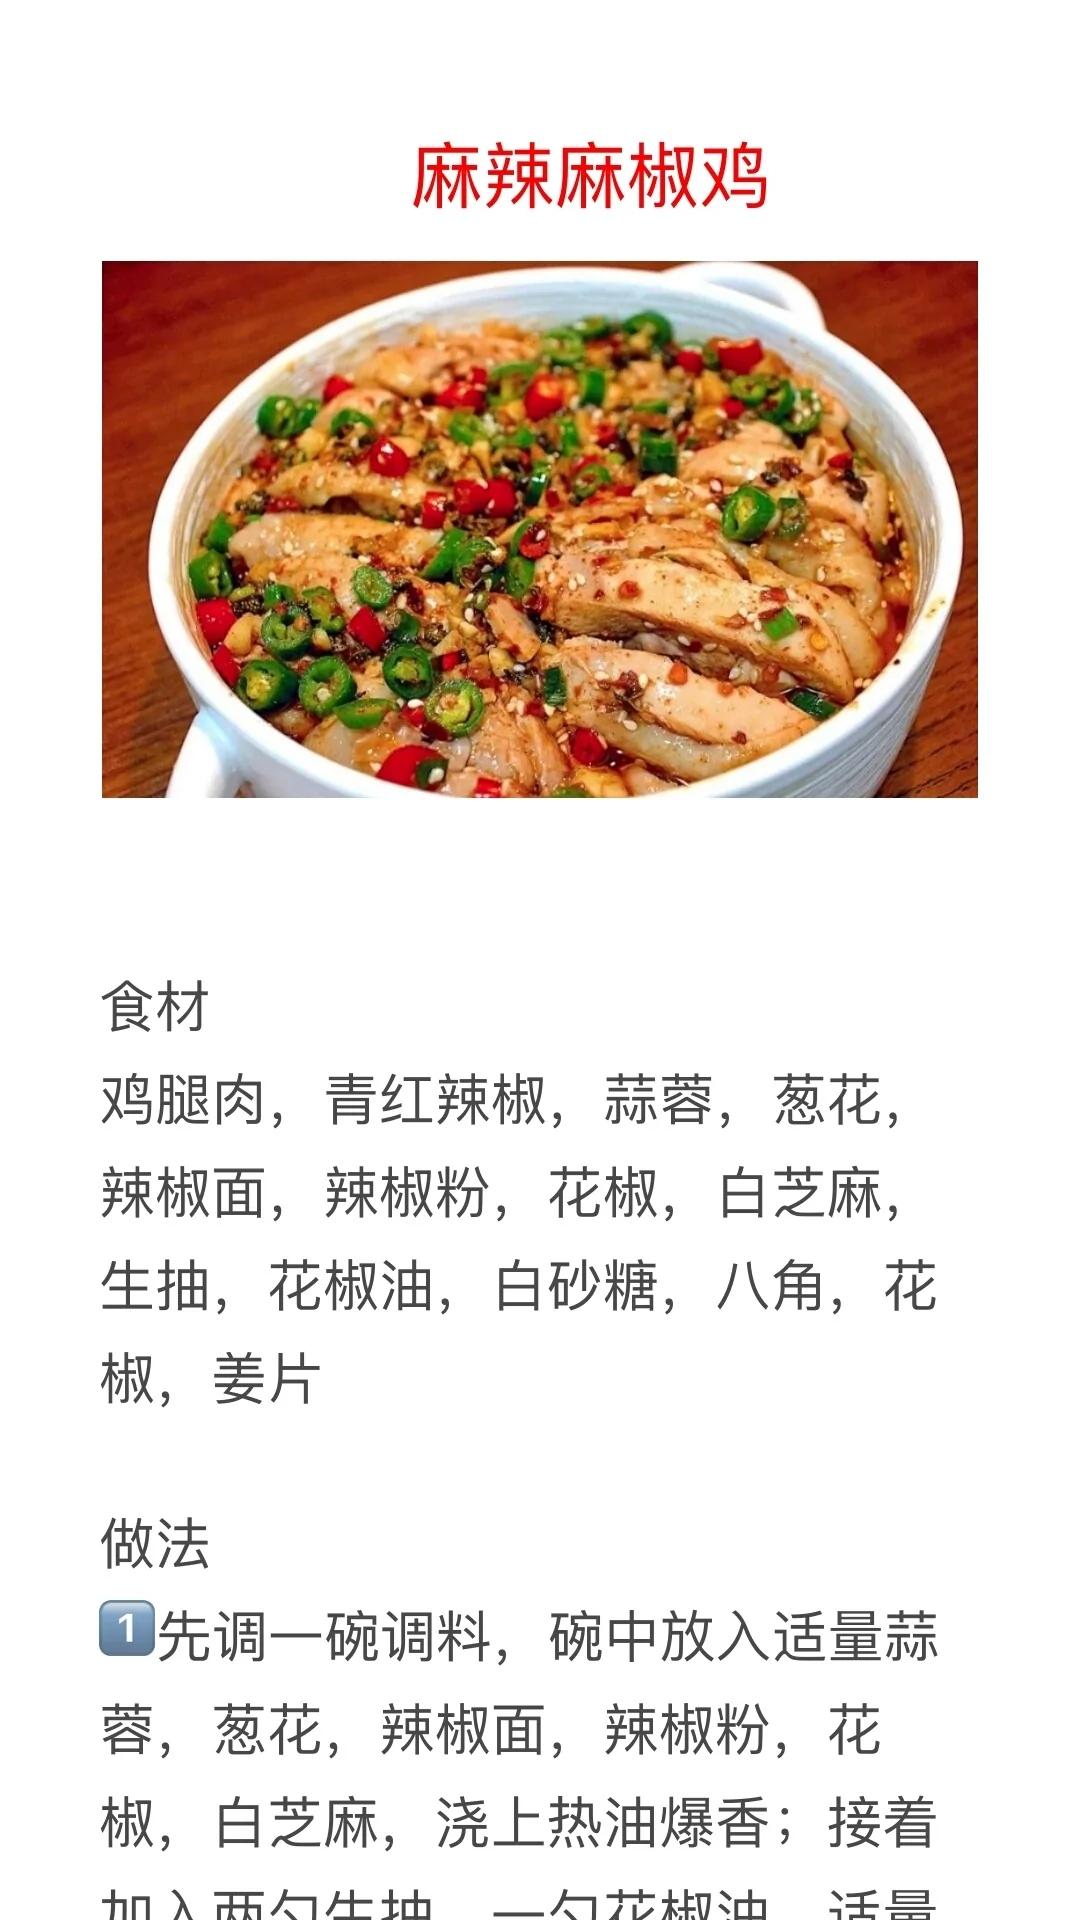 麻辣口味菜做法及配料 美食做法 第10张